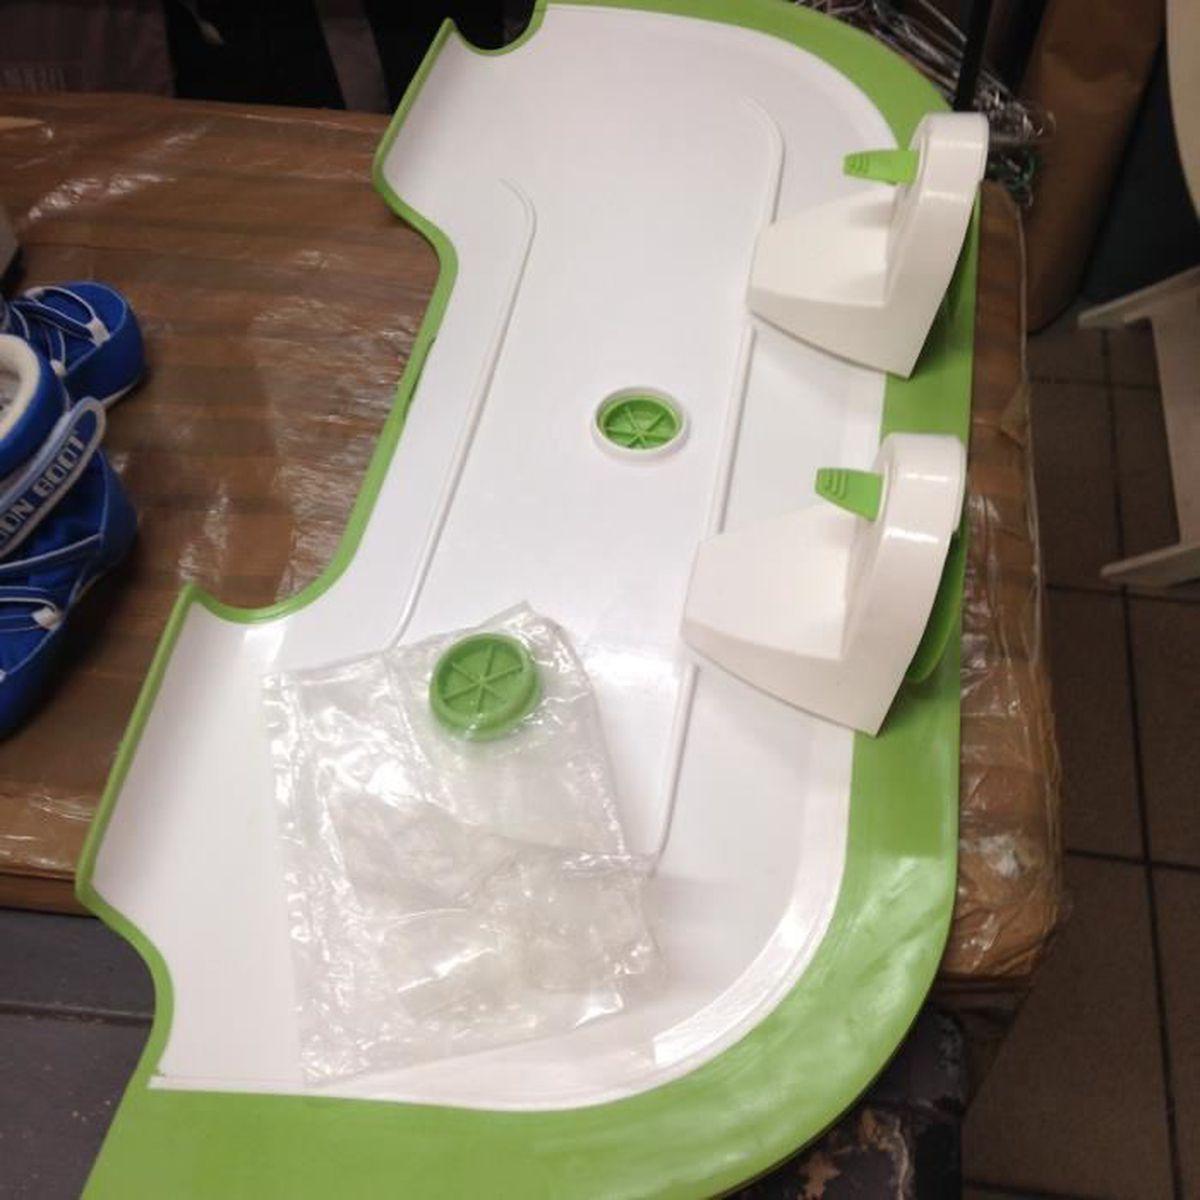 Babydam Reducteur Baignoire Blanc Vert Achat Vente Extension De Robinet 2009827820974 Soldes Sur Cdiscount Des Le 20 Janvier Cdiscount